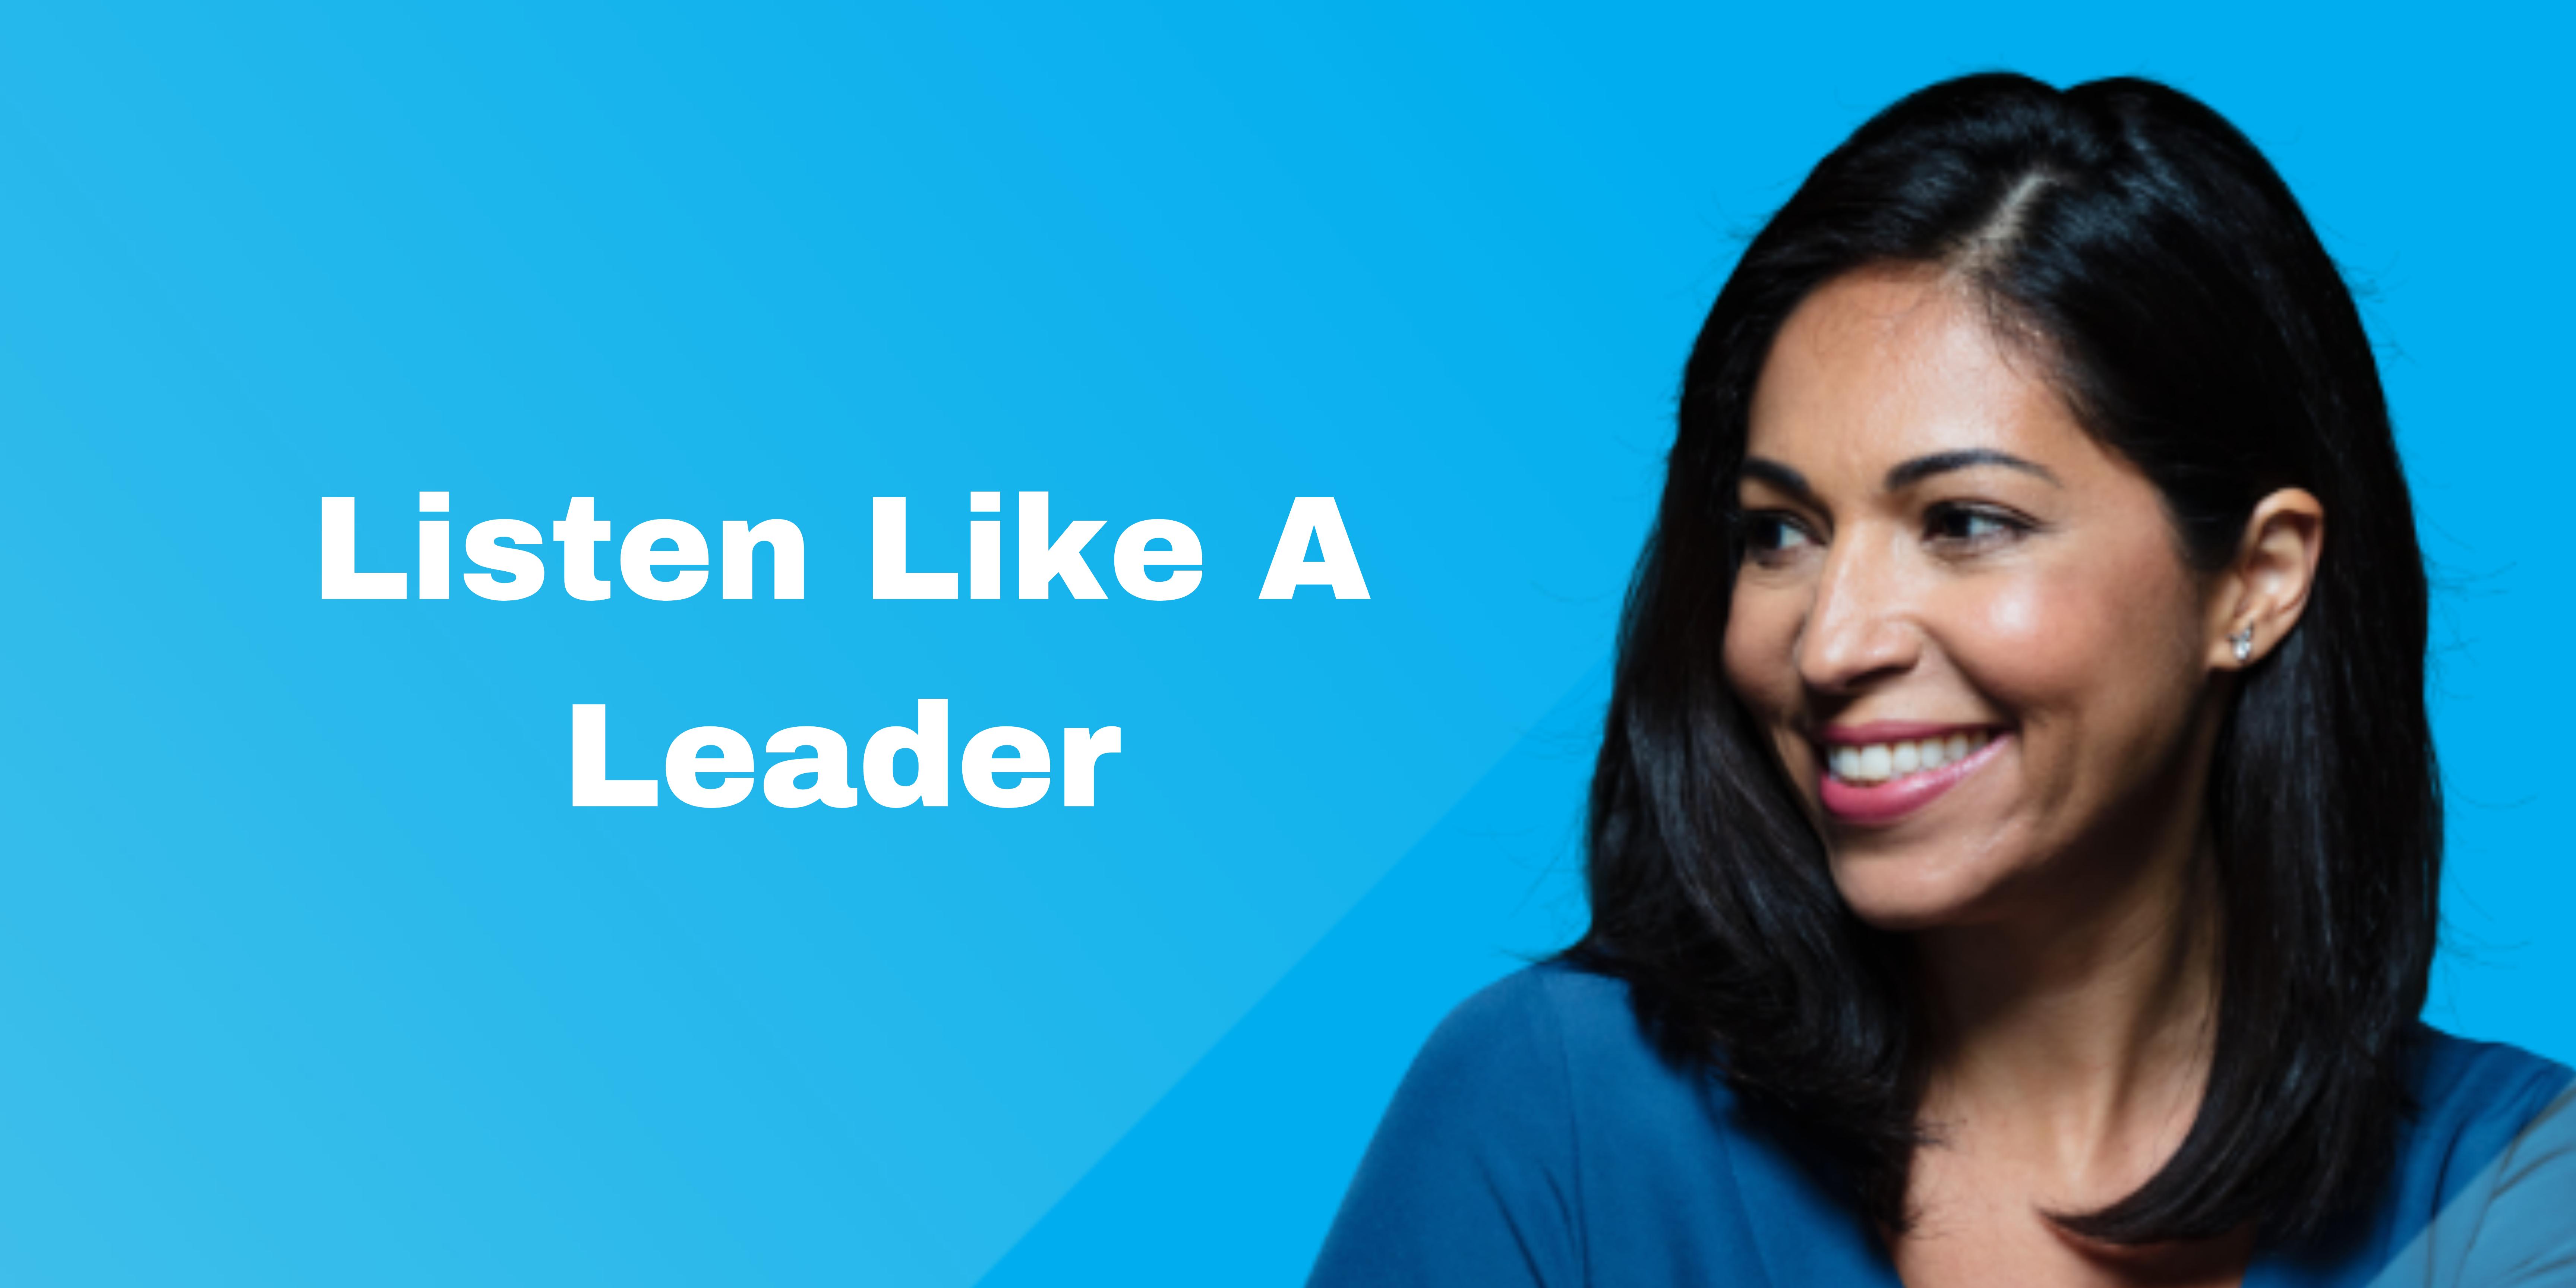 Listen Like A Leader